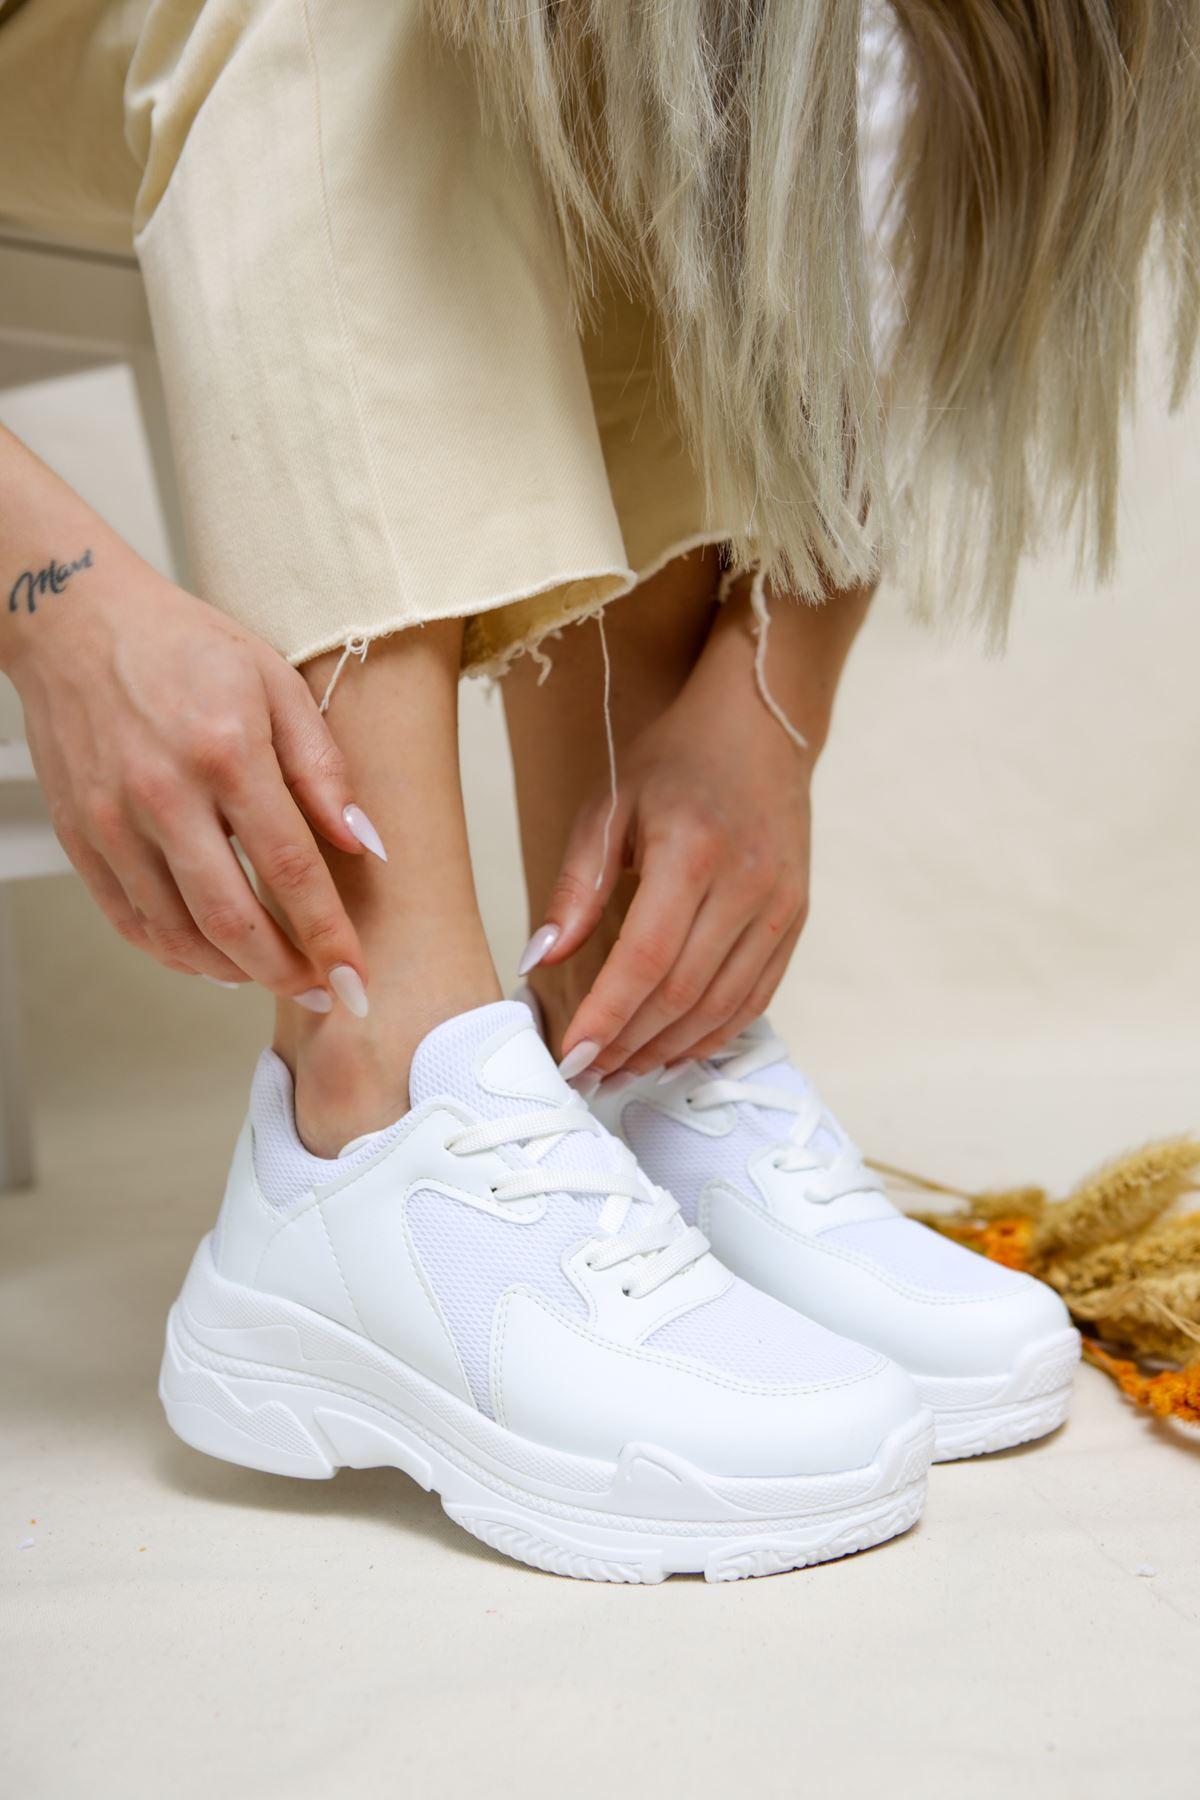 Loic Beyaz Kadın Spor Ayakkabı